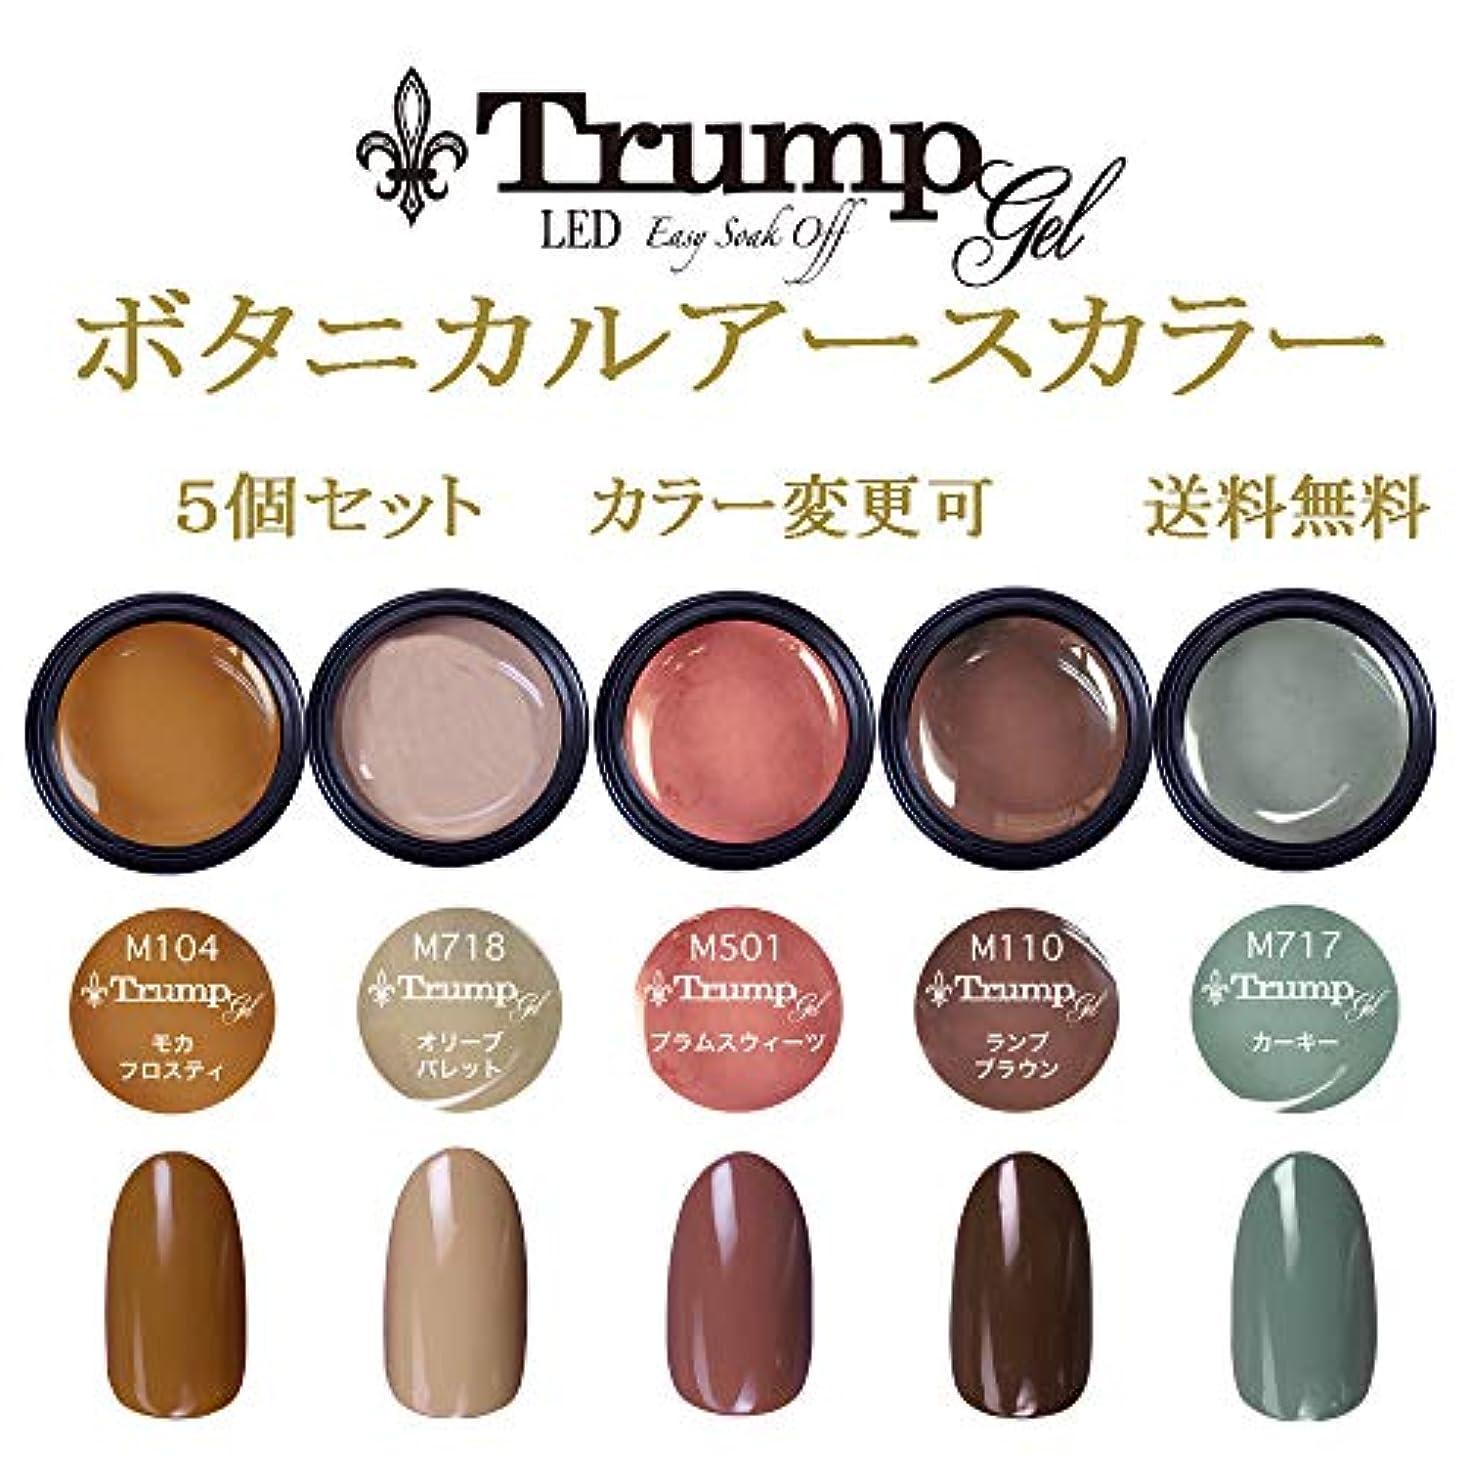 クール展望台見ました【送料無料】日本製 Trump gel ボタニカルアースカラージェル5個セット 人気のボタニカルカラーをセット